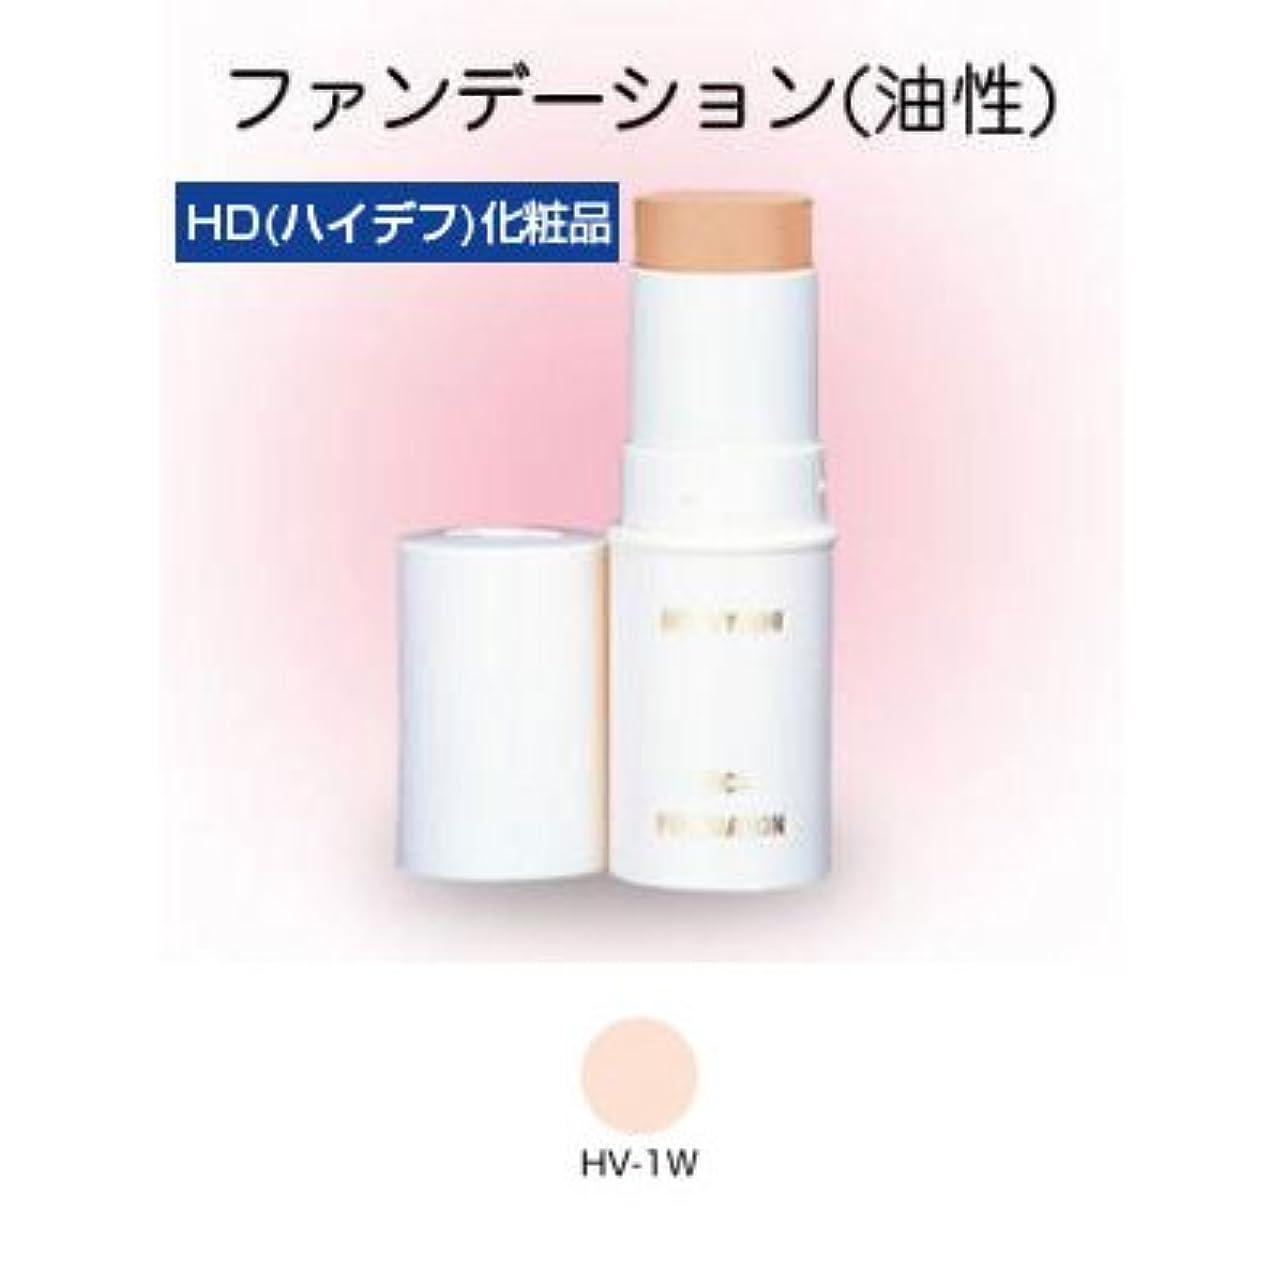 文庫本線パノラマスティックファンデーション HD化粧品 17g 1W 【三善】